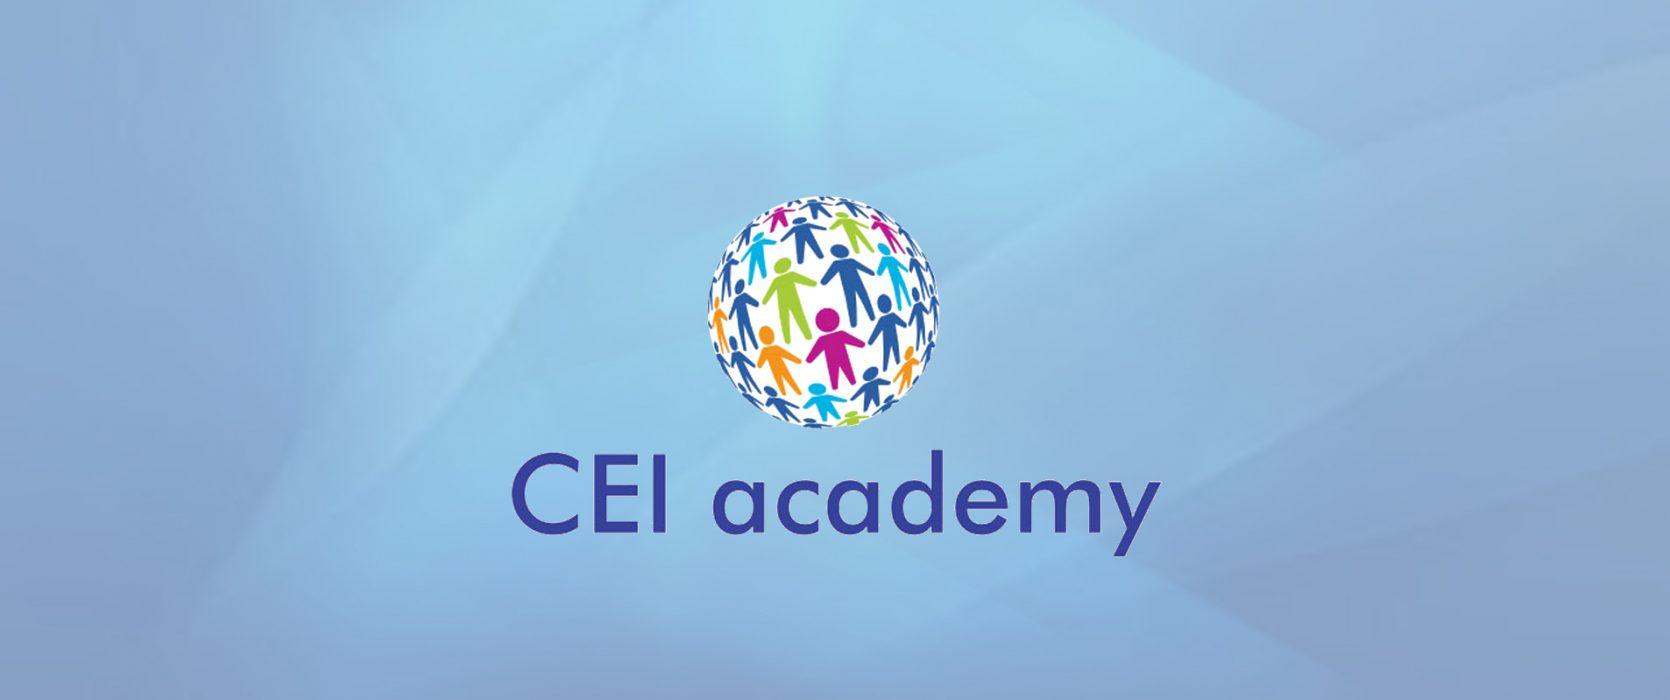 Escuela academia de idiomas CEI Academy